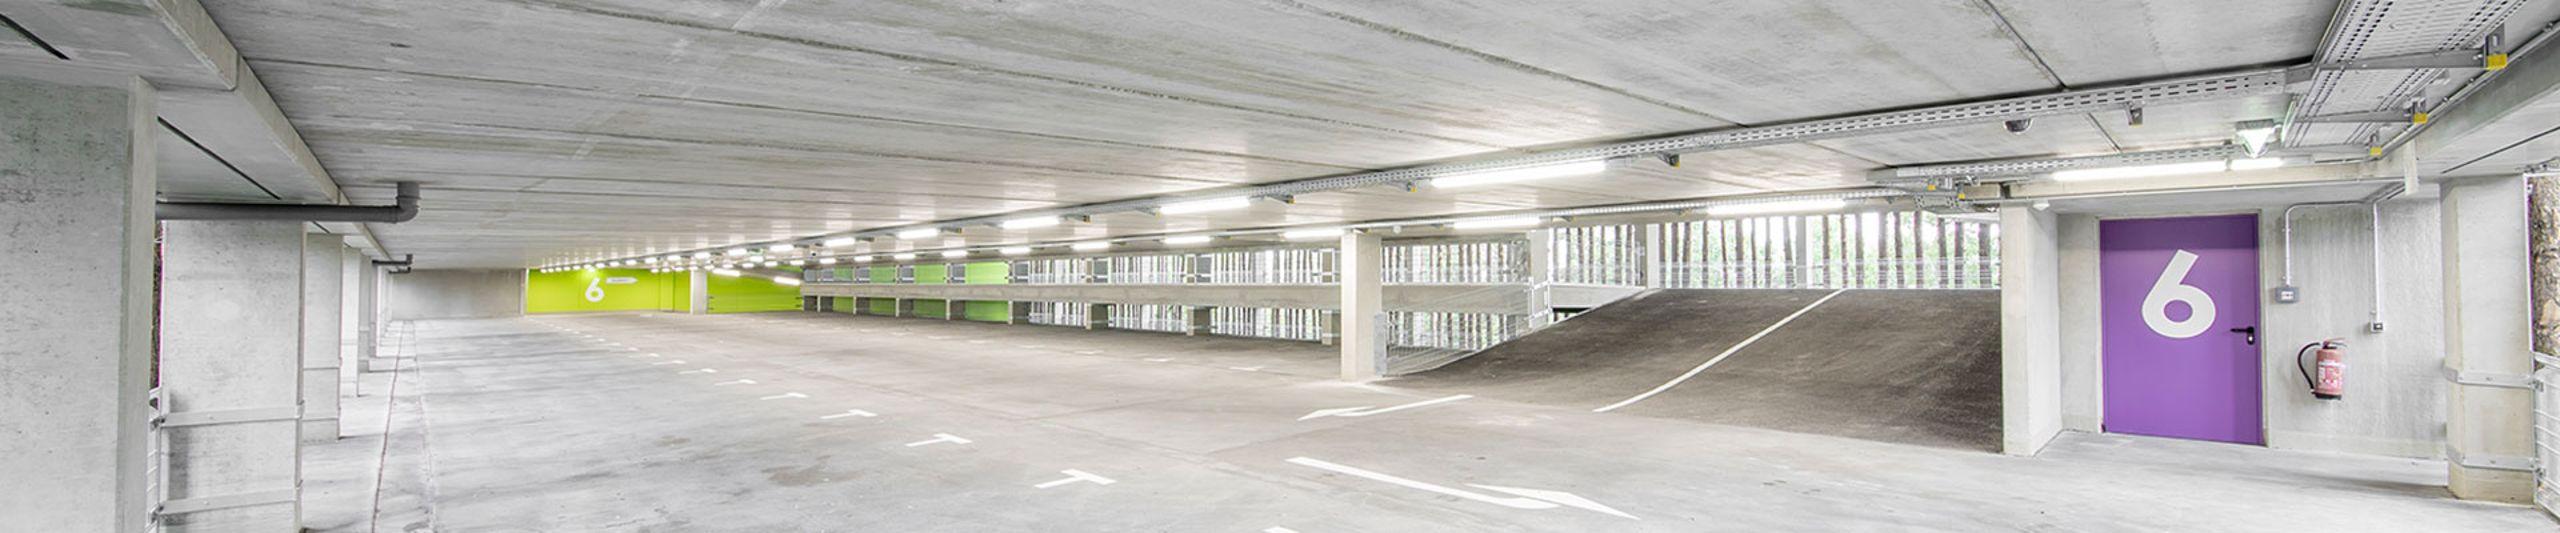 Parkhaus bauen mit System